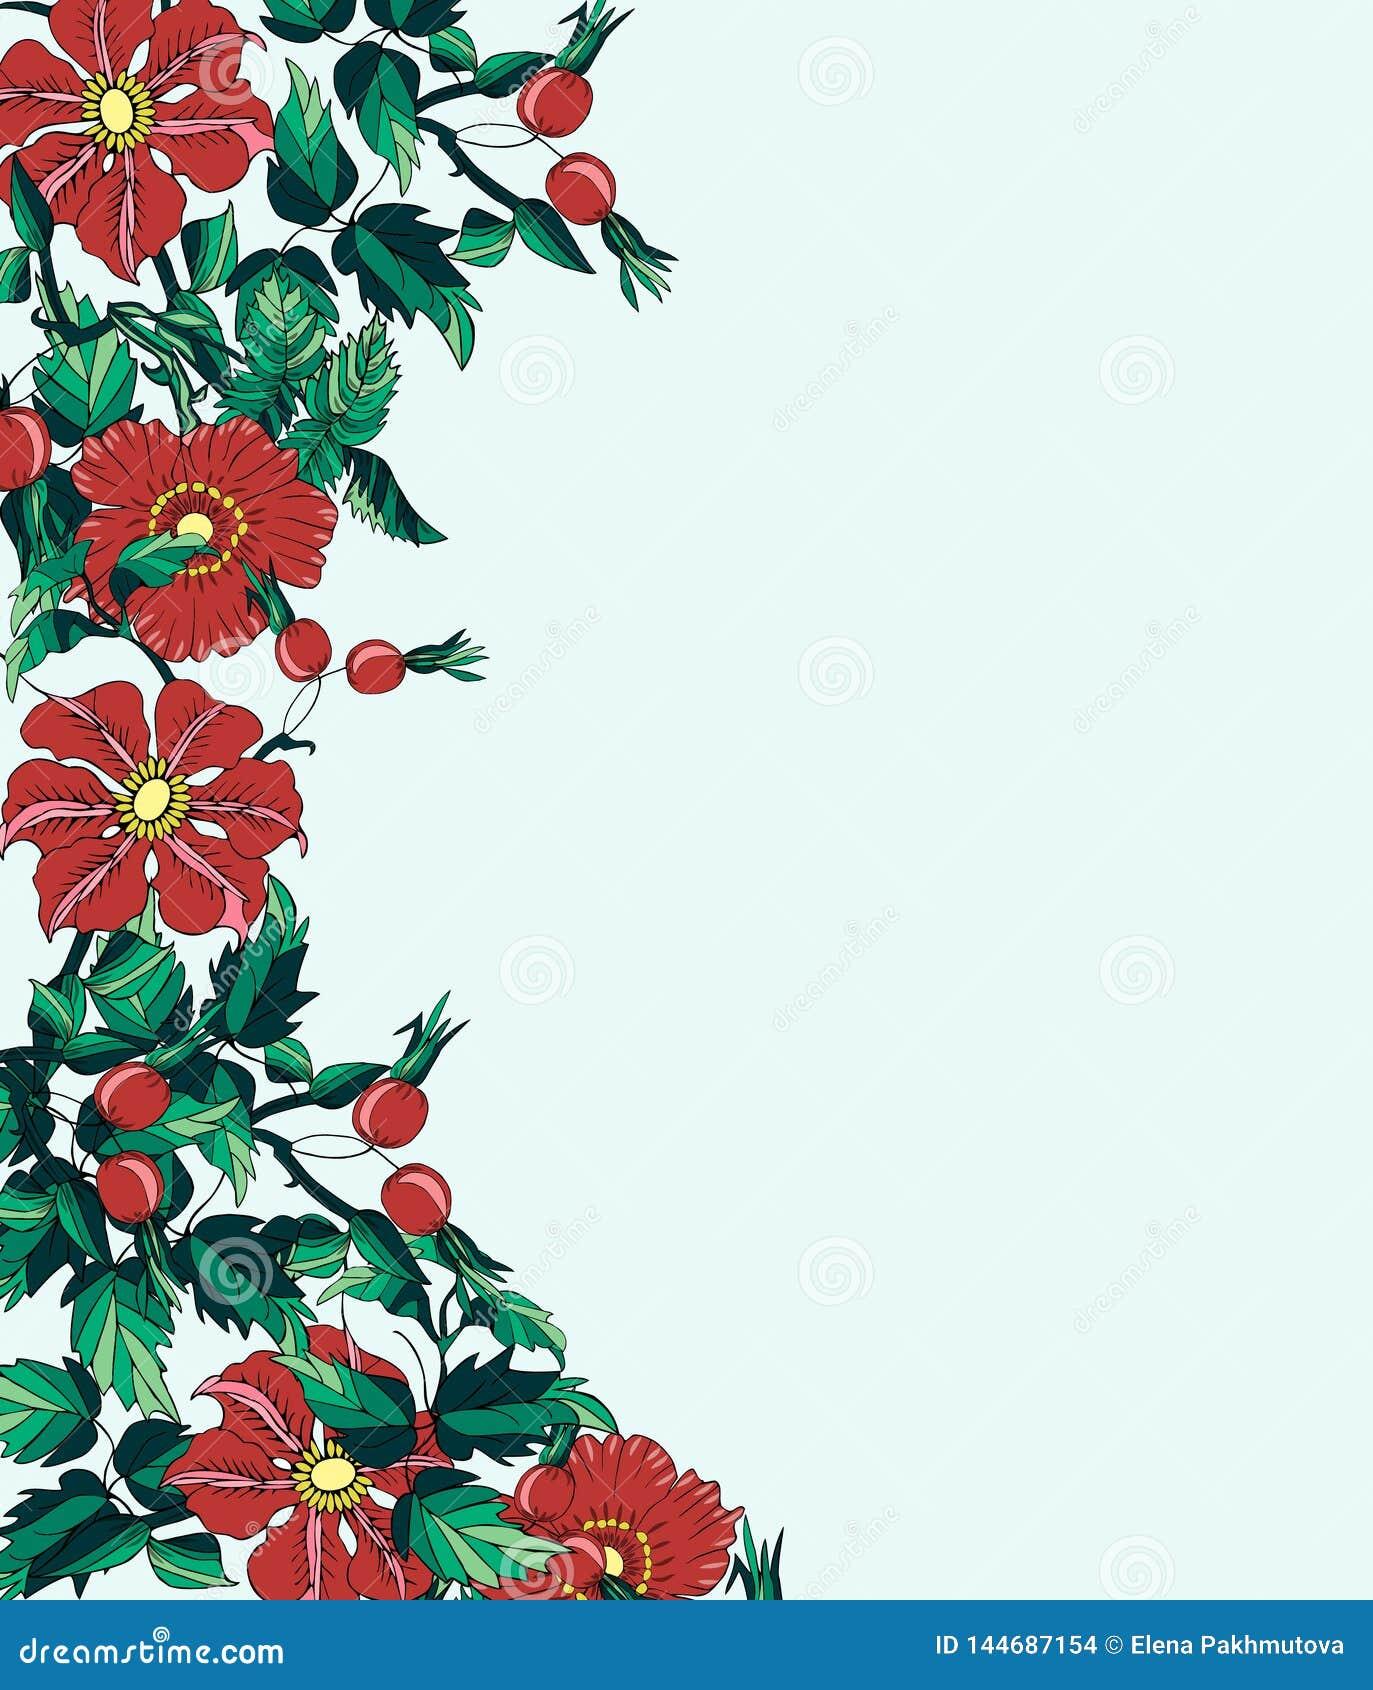 Frame Flower Border Floral Illustration Card Red Decoration